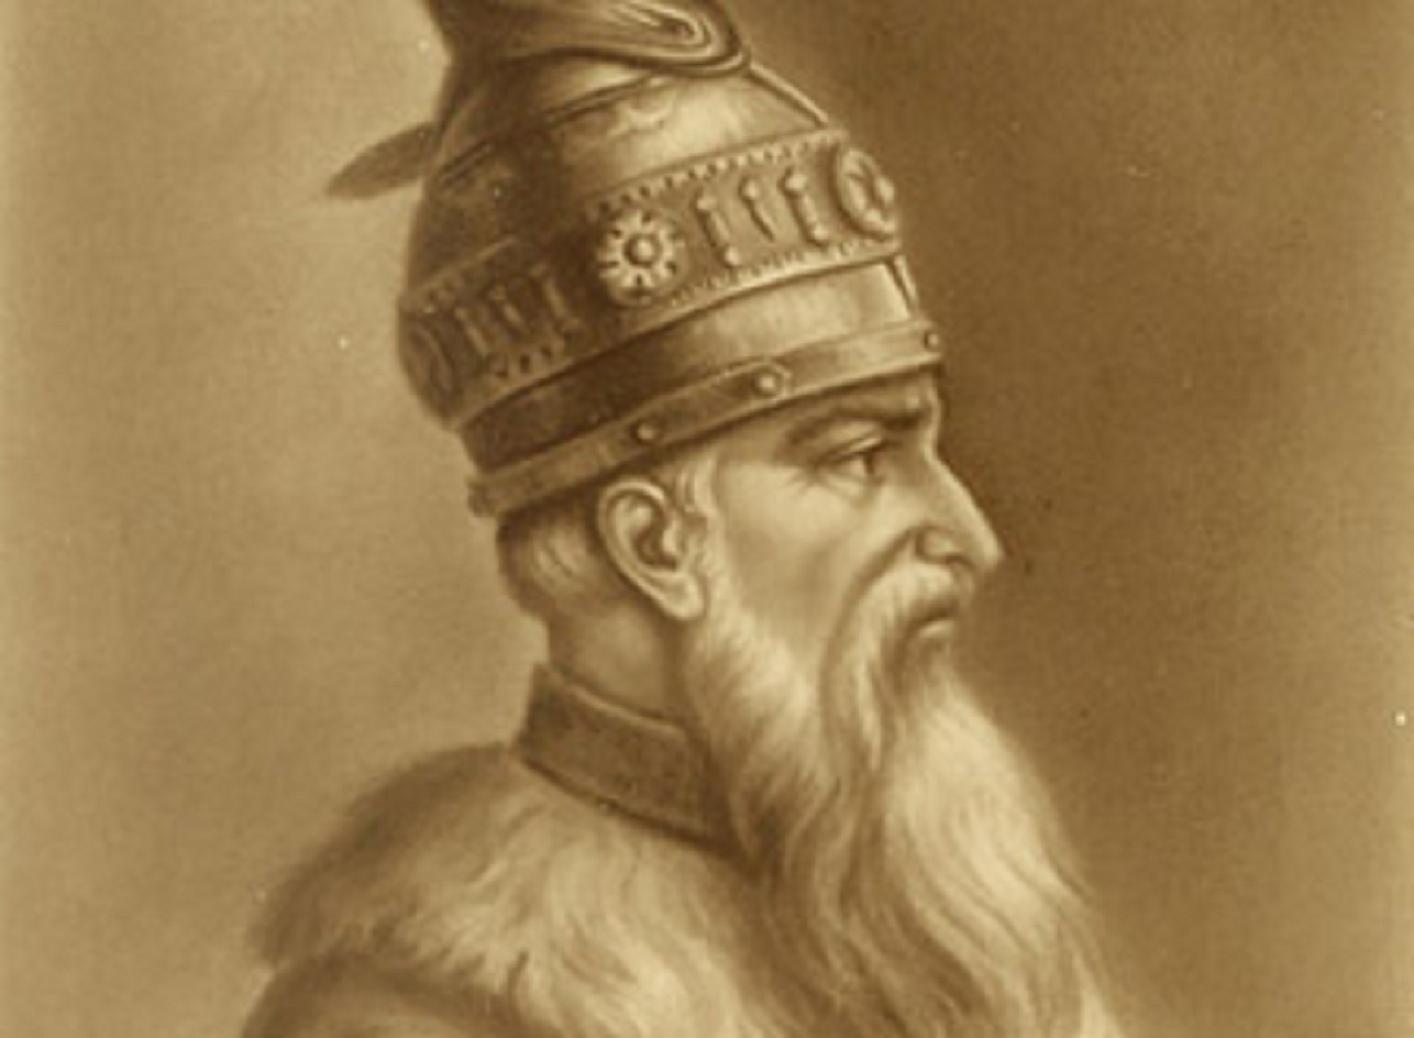 Γεώργιος Καστριώτης. Ἀλβανός ἤ Ἕλληνας;